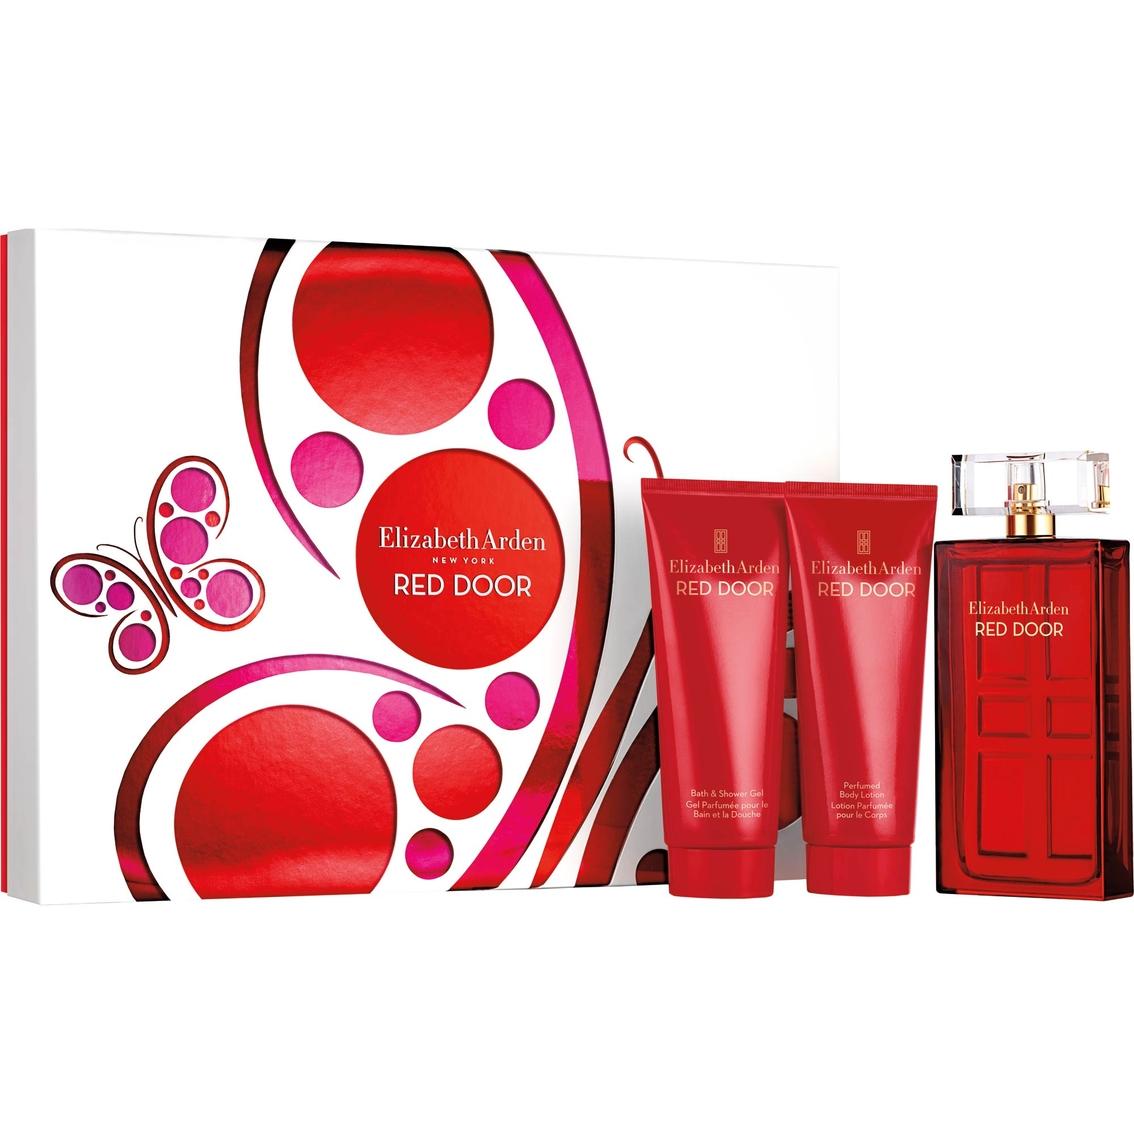 Elizabeth Arden 3 Pc Red Door Gift Set Fragrance Beauty